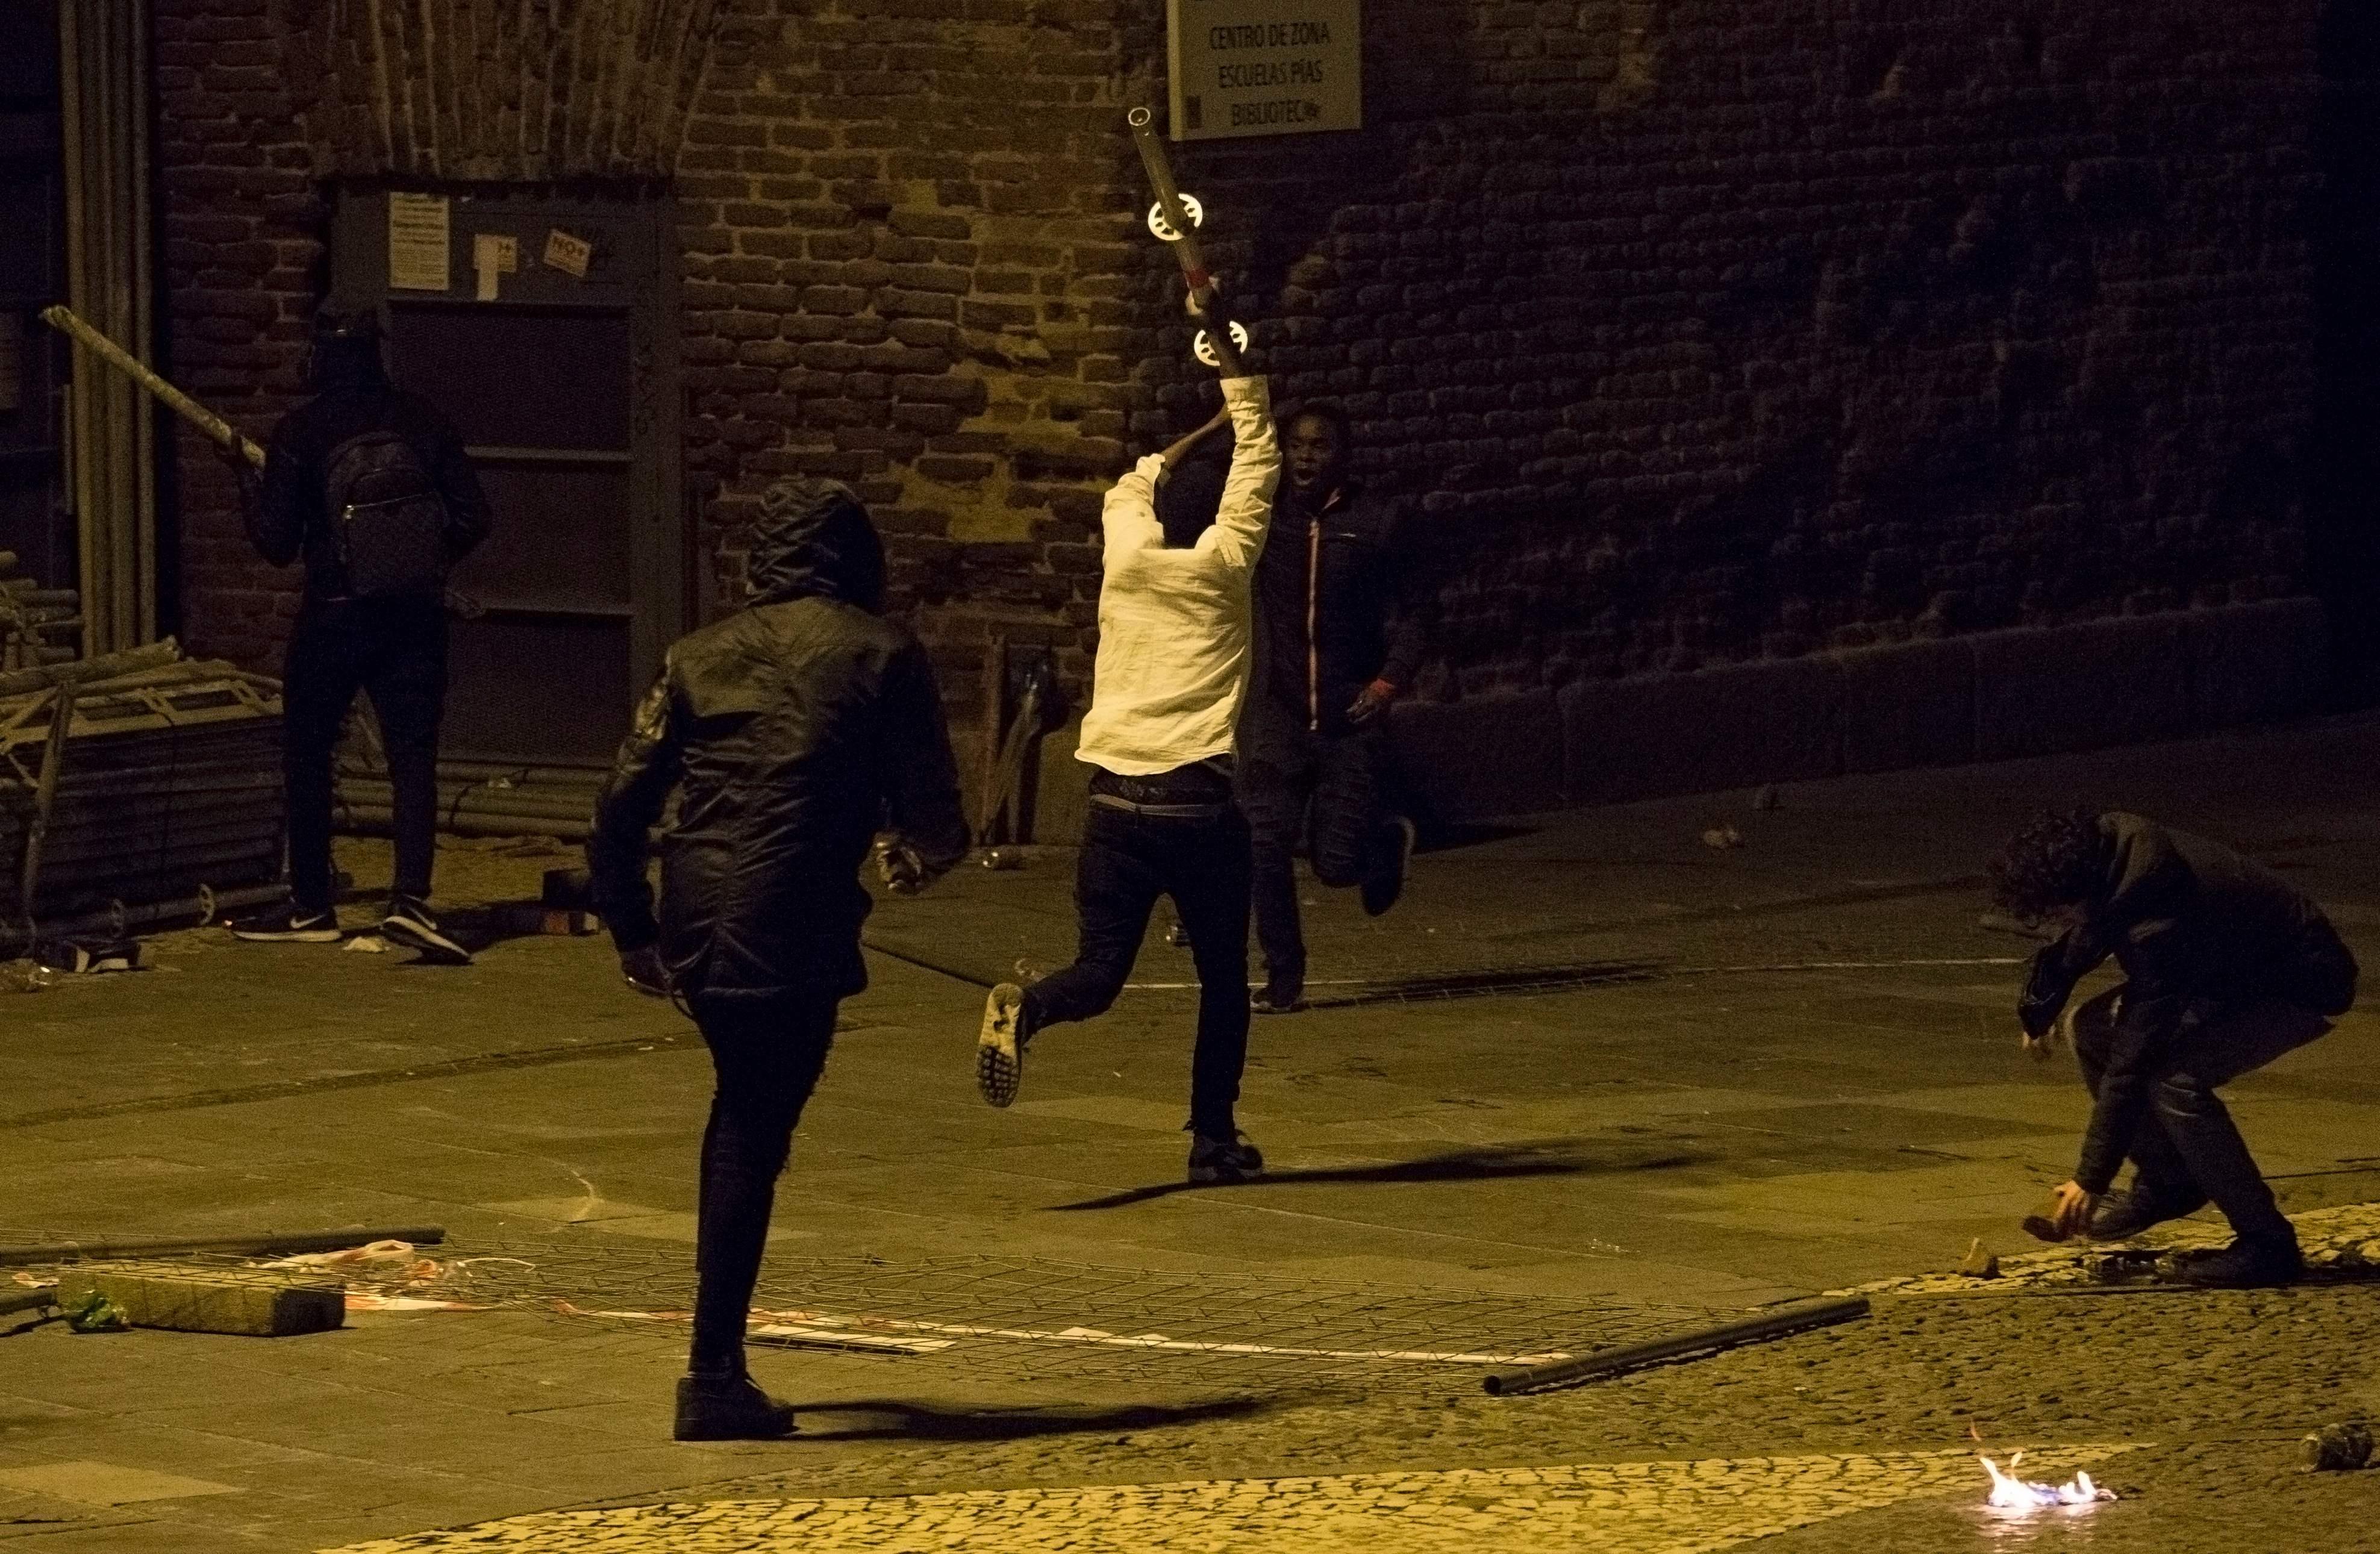 مواجهات عنيفة بين مهاجرين وقوات الأمن